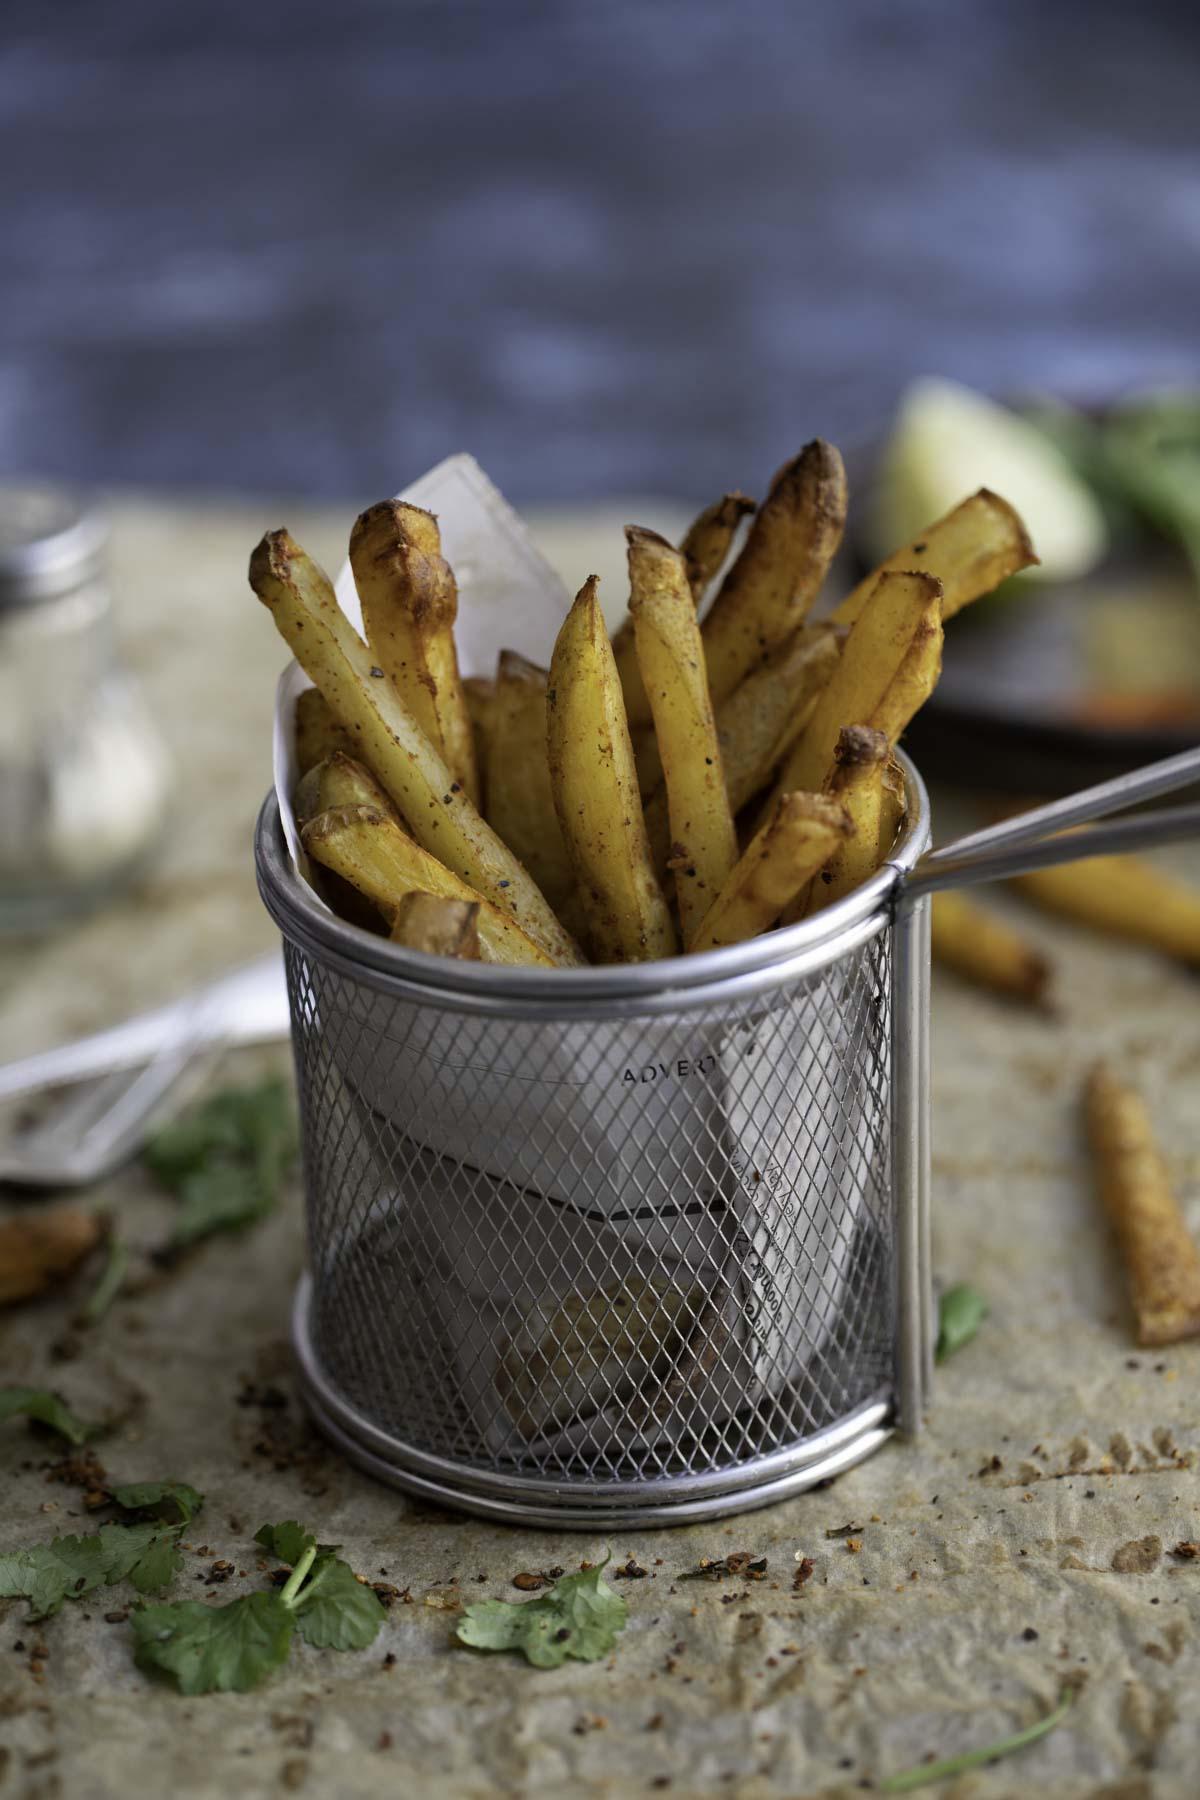 masala fries in a wire rack basket